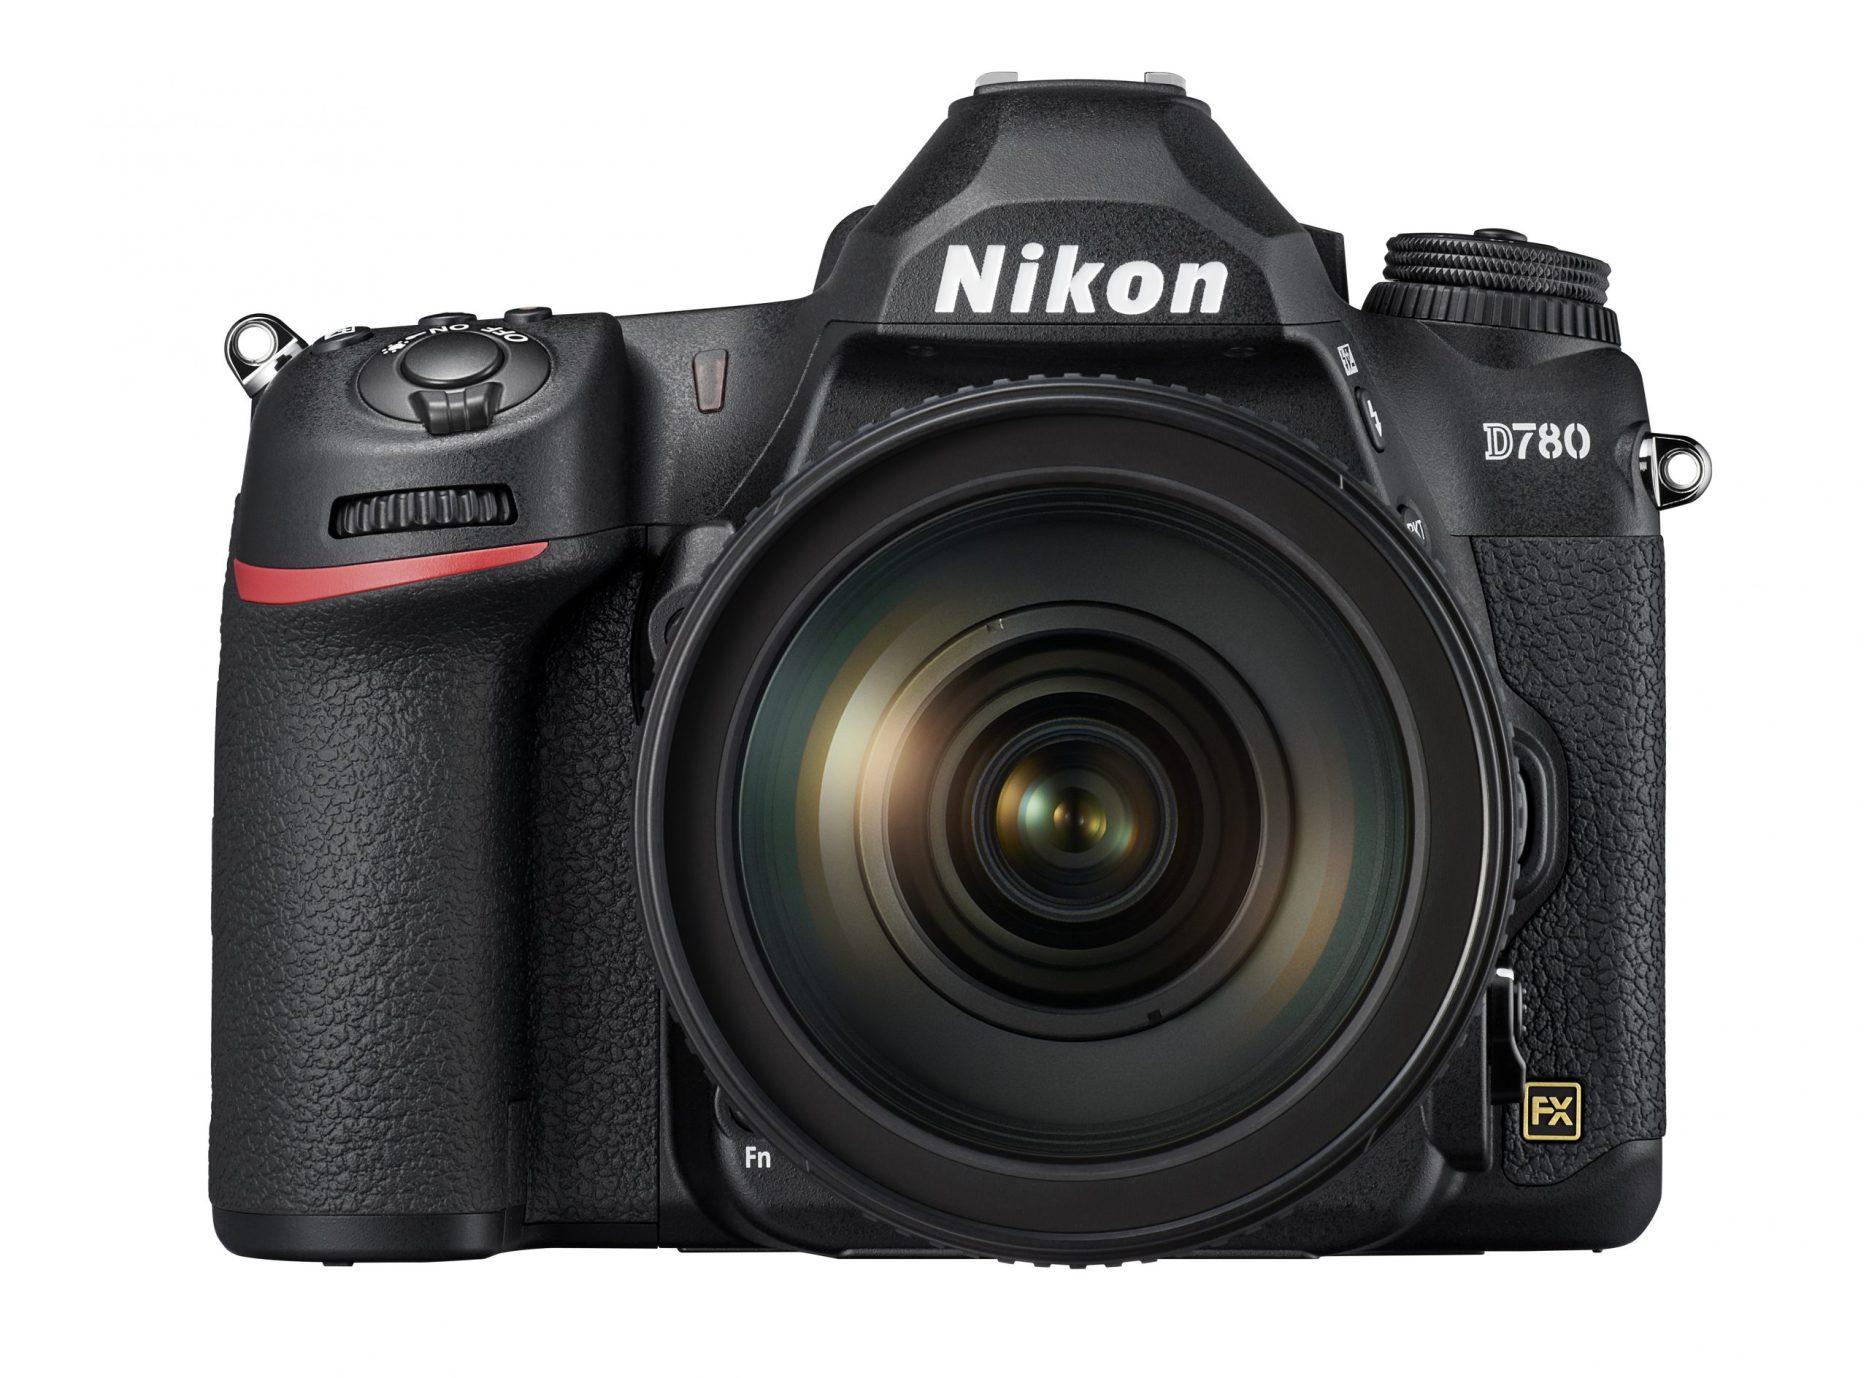 Nikon D780 (Foto: Pressefoto Nikon)